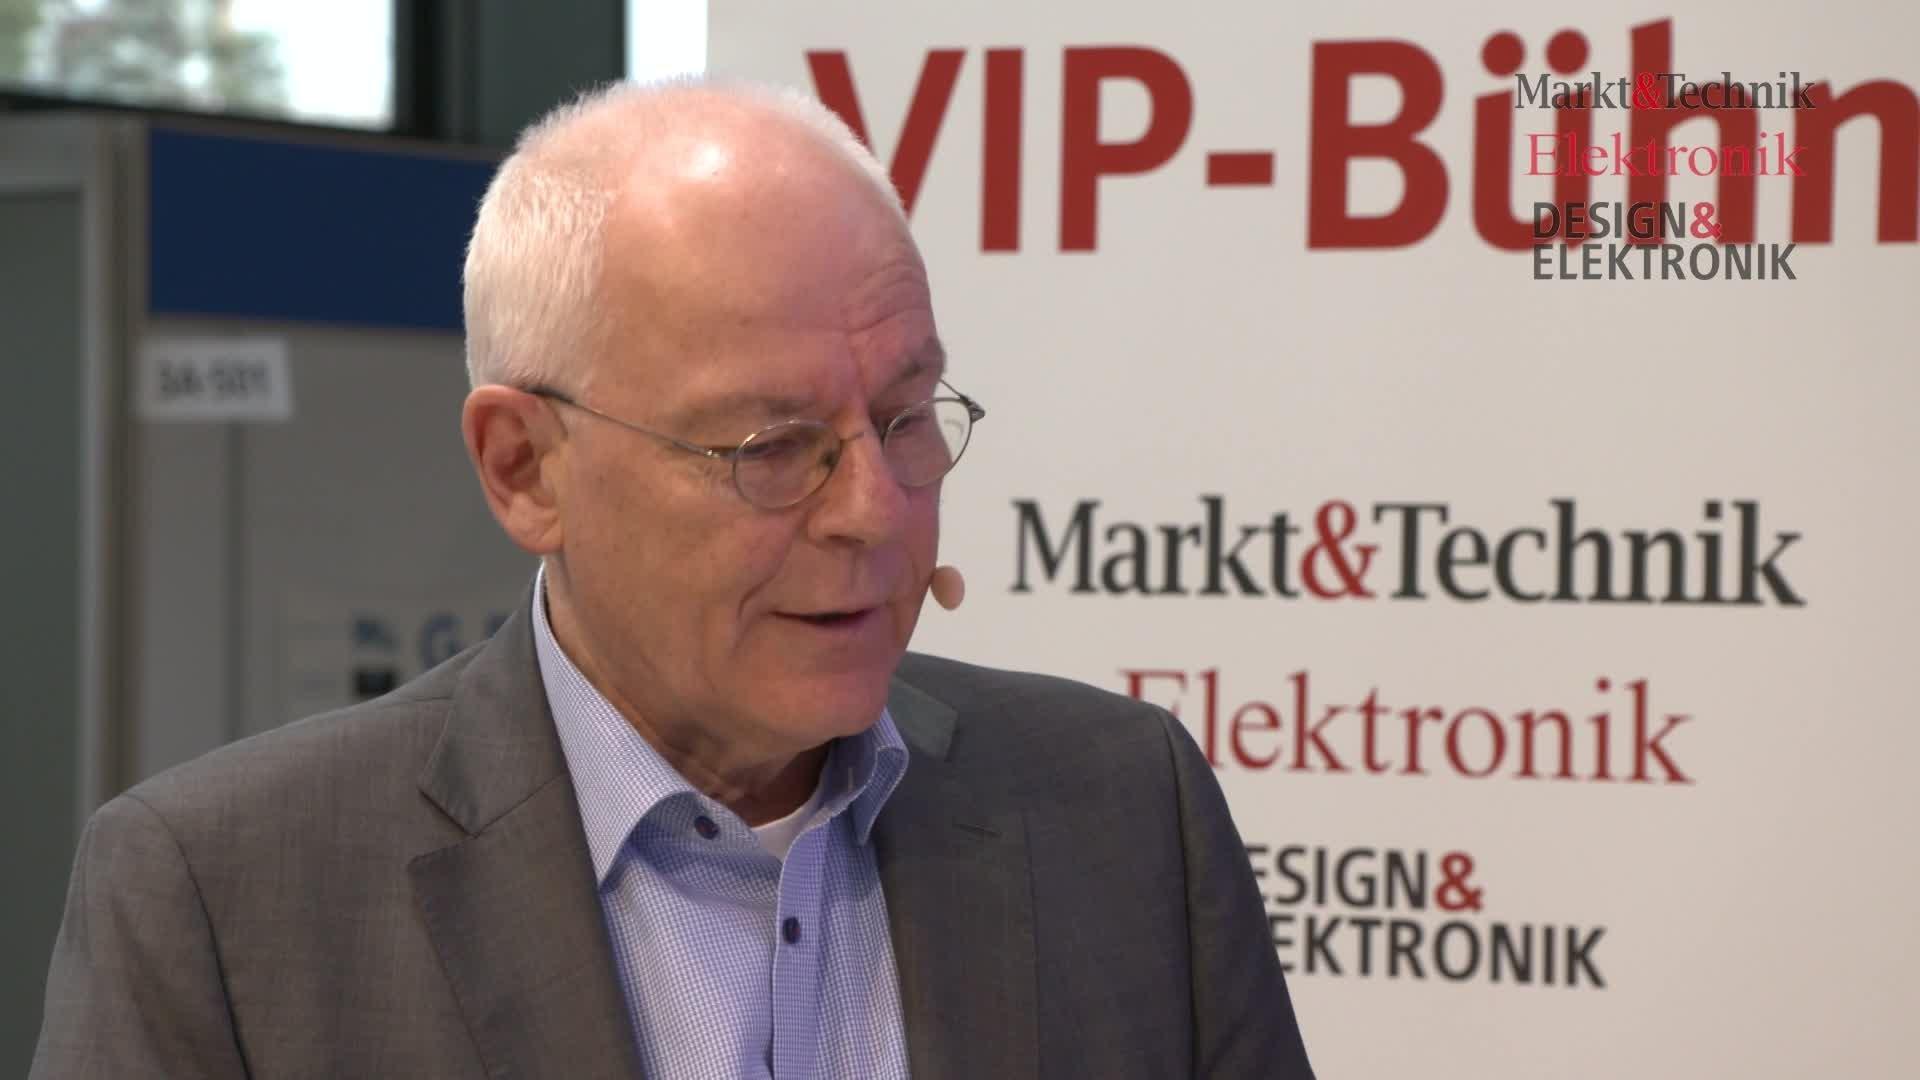 VIP-Bühne: 5G-Campus-Netze – verdrängen sie drahtgebundene Industrienetze?